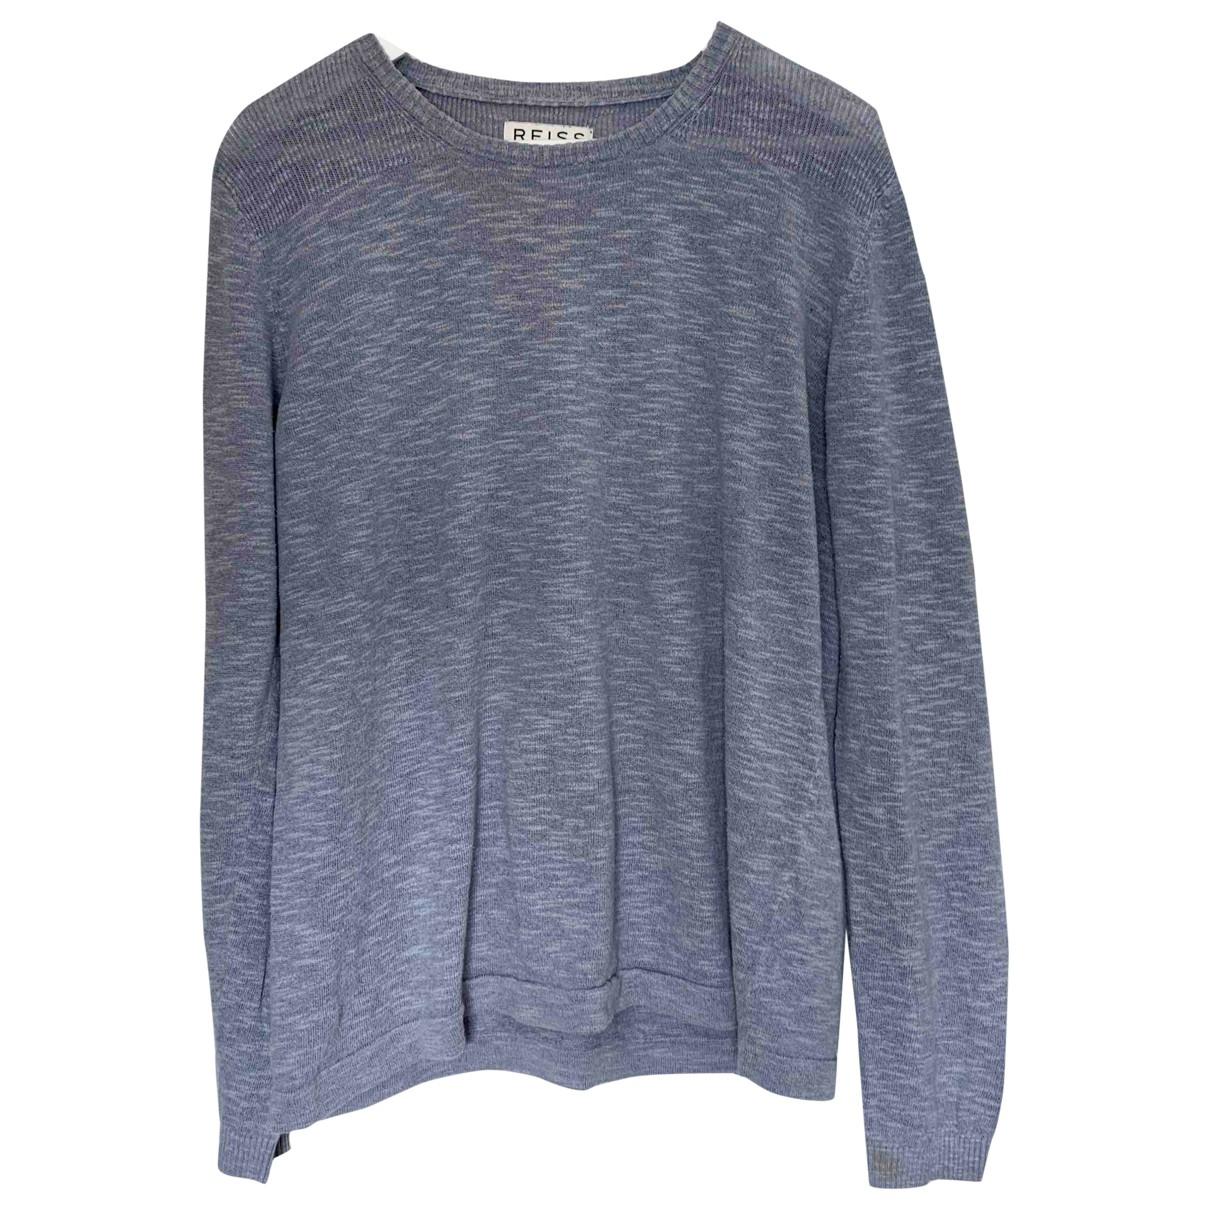 Reiss \N Blue Cotton Knitwear & Sweatshirts for Men M International